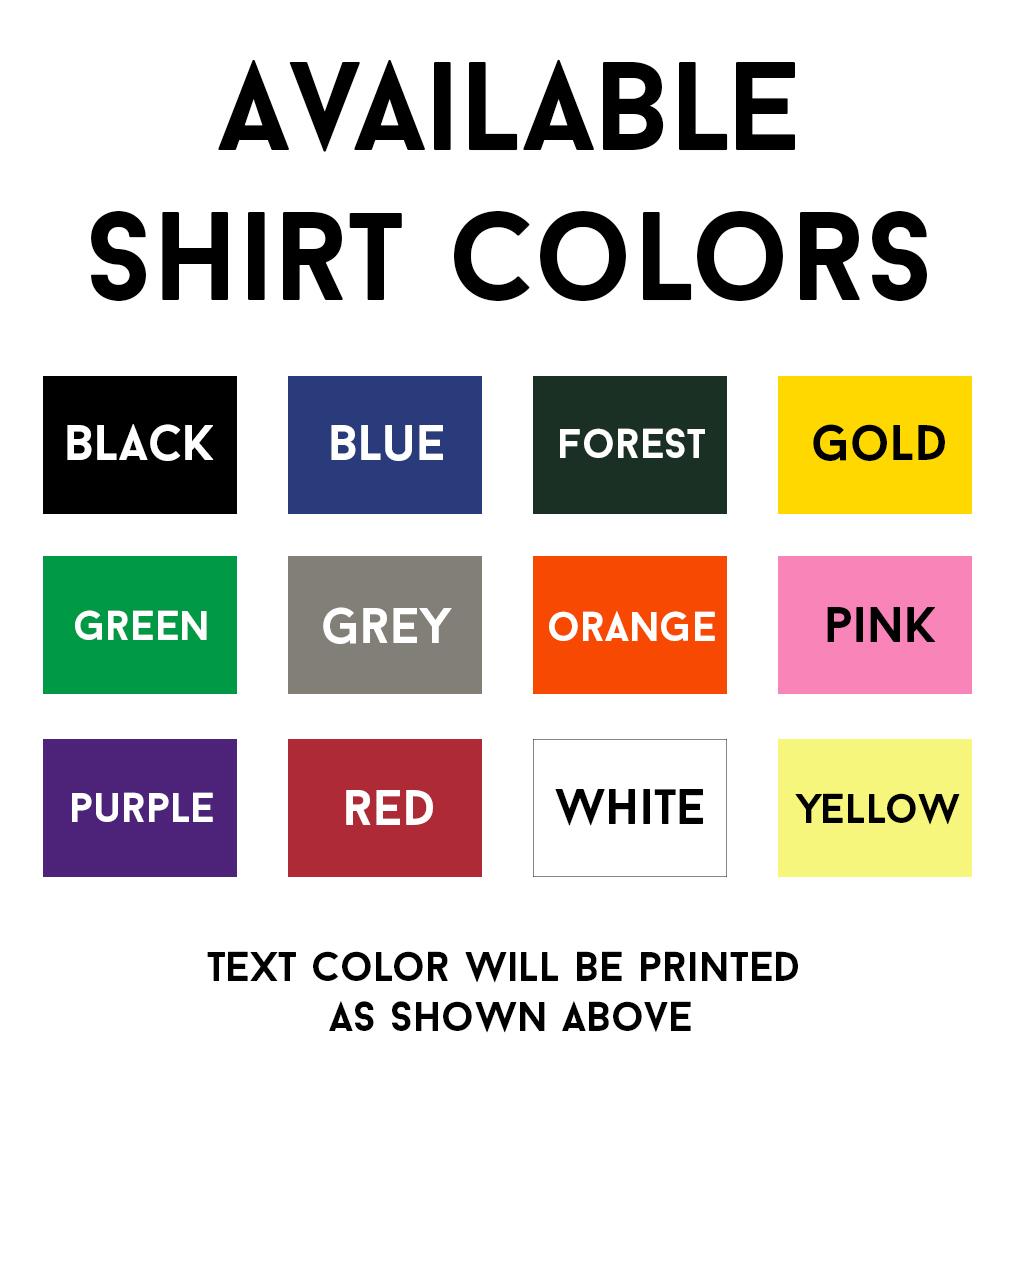 #nebule - Hashtag Men's Adult Short Sleeve T-Shirt  image 2